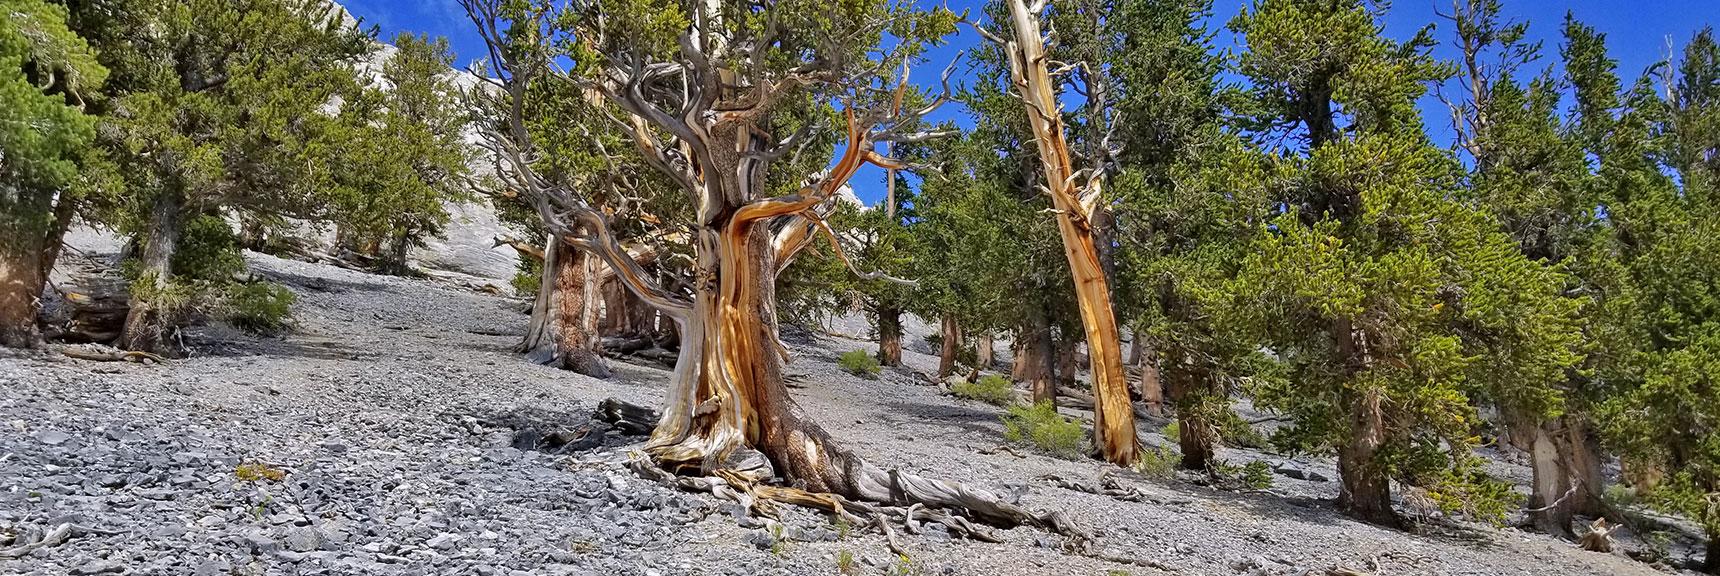 Bristlecone Pine Forest on Avalanche Slope Below Mummy Mountain Eastern Cliffs   Mummy Mountain NNE, Mt. Charleston Wilderness, Nevada, Slide 011